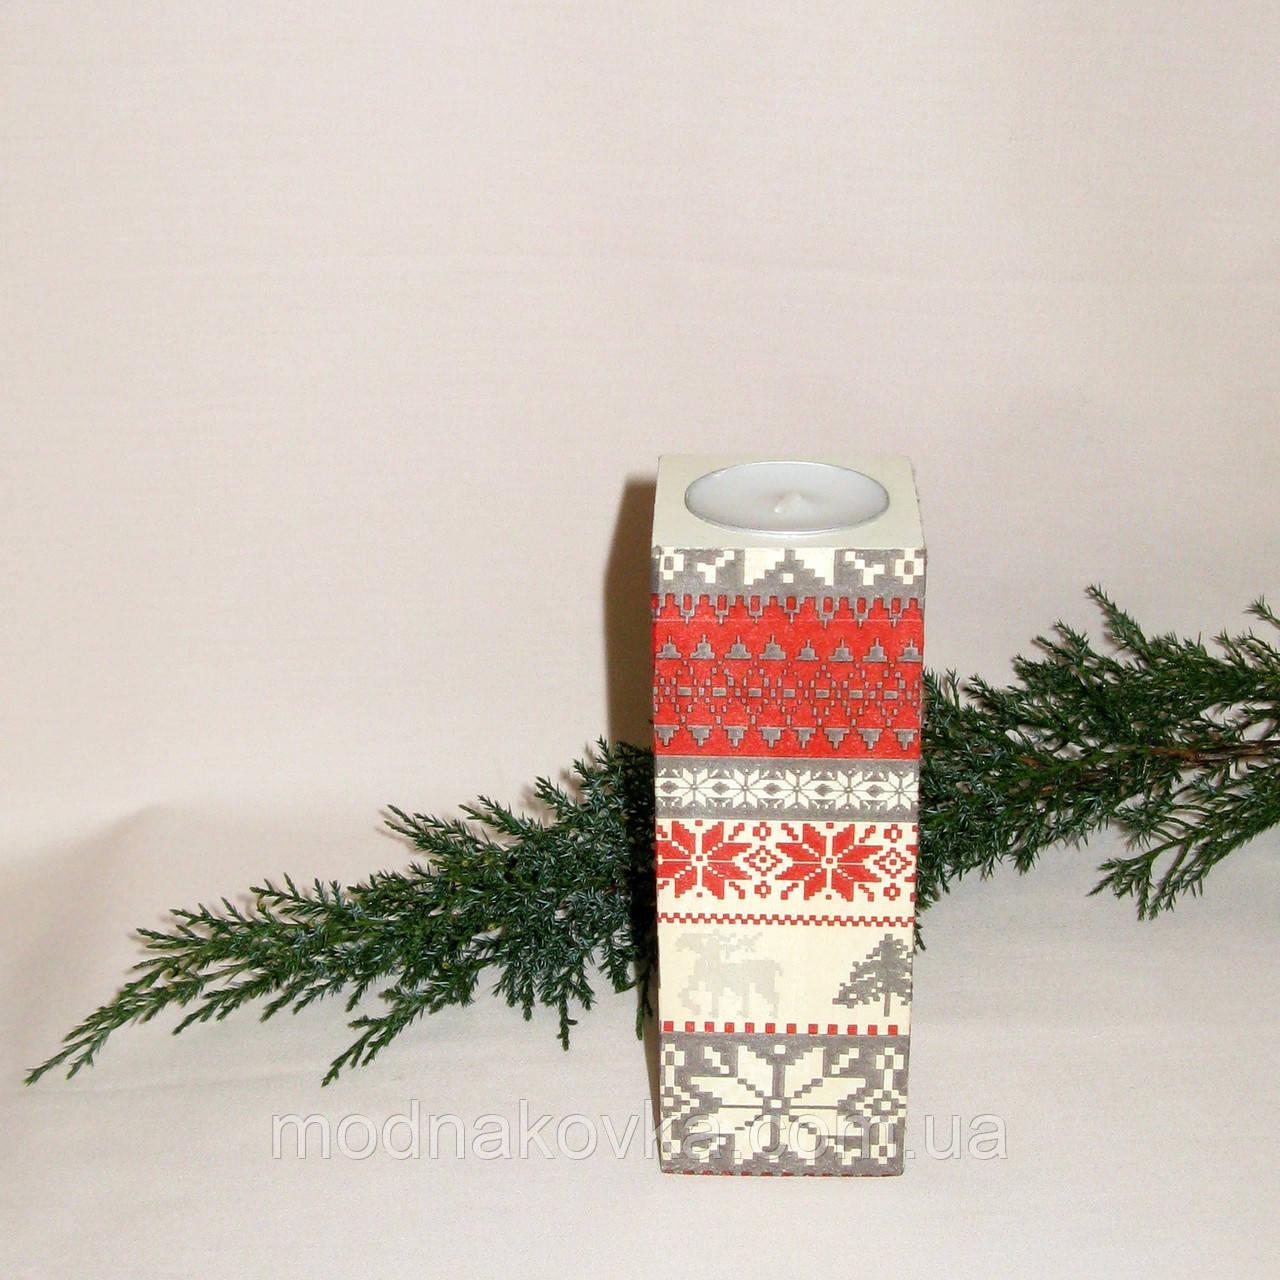 Подсвечник - новогодний декор ручной работы